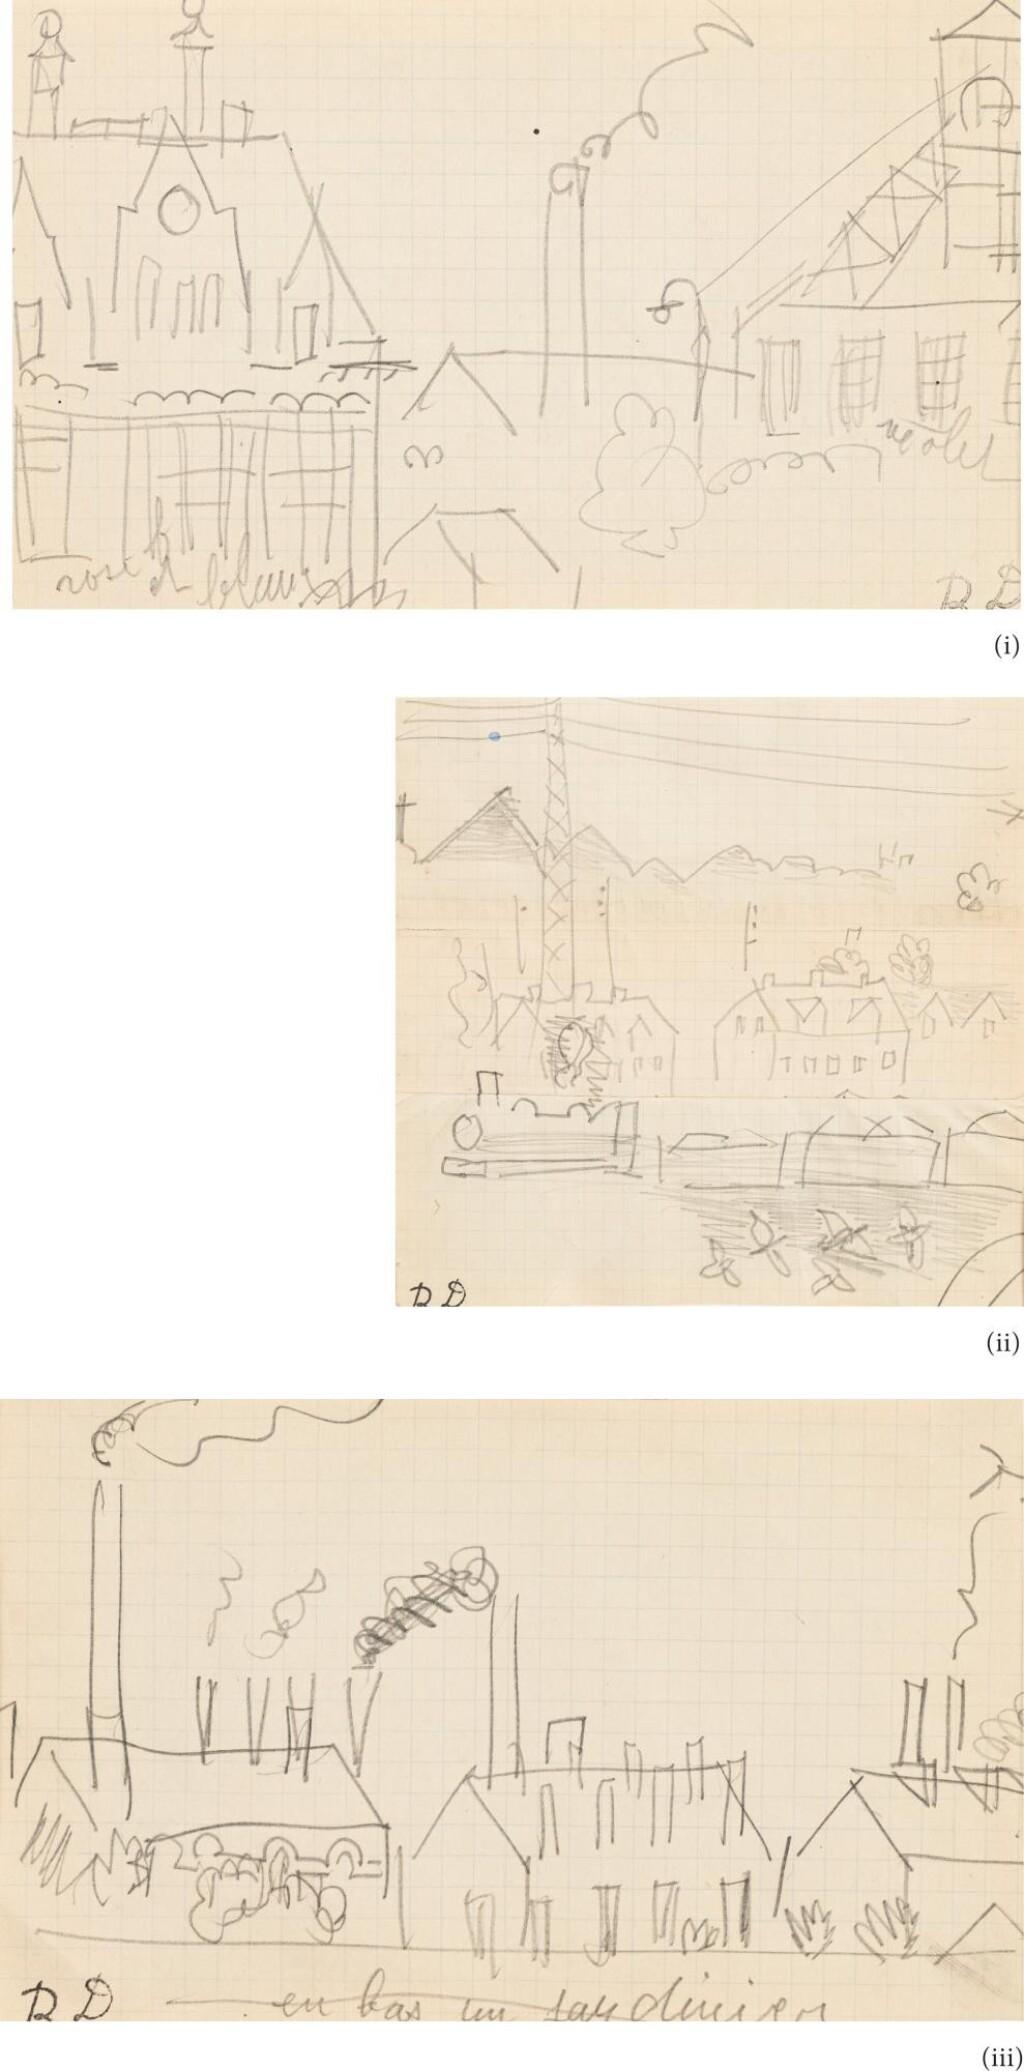 RAOUL DUFY | TROIS DESSINS : (I) PAYSAGE À LA CHEMINÉE (II) PAYSAGE AU TRAIN (III) VUE D'USINES